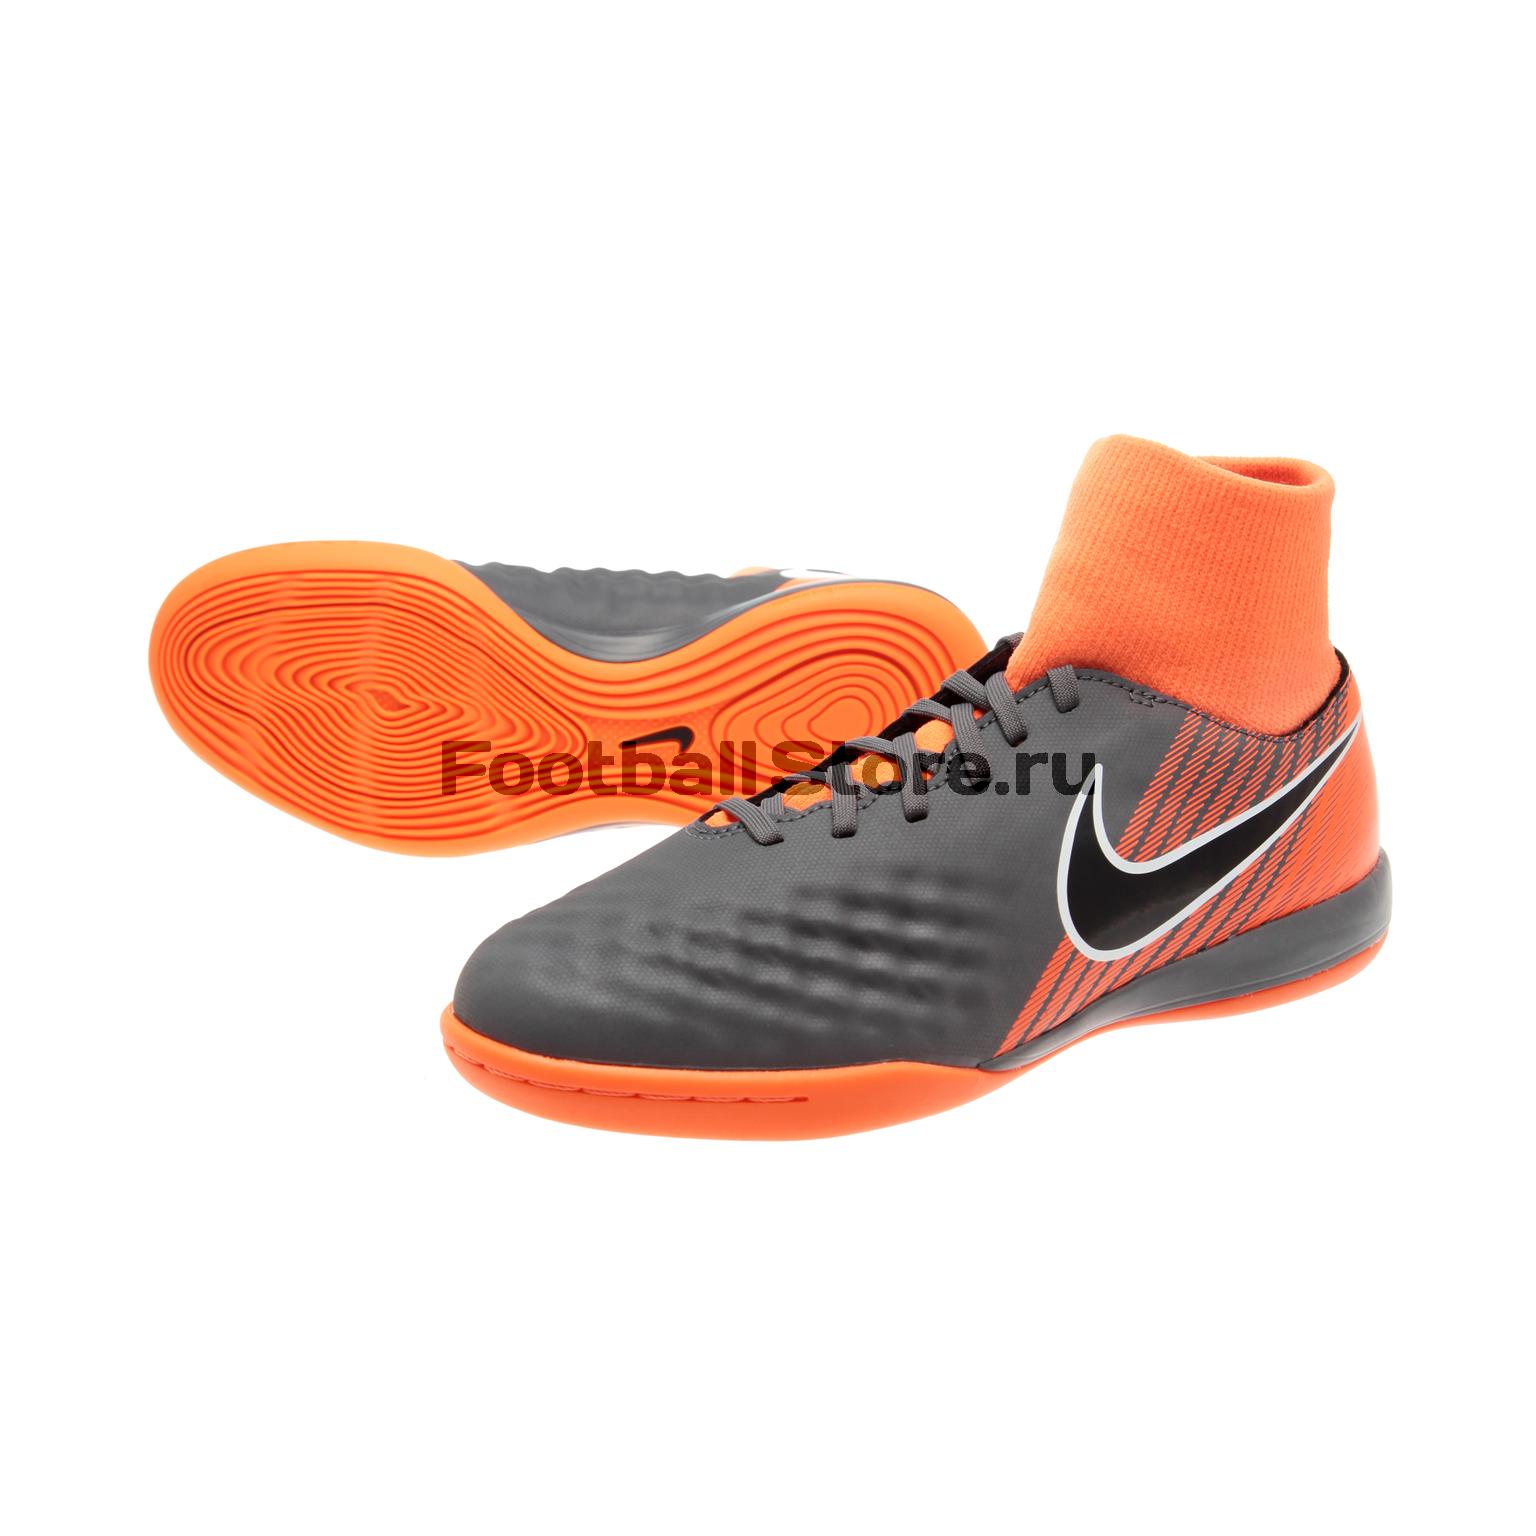 Обувь для зала Nike JR ObraX 2 Academy DF IC AH7315-080 бутсы футбольные nike obra ii academy df fg ah7313 080 jr детские т сер оранж